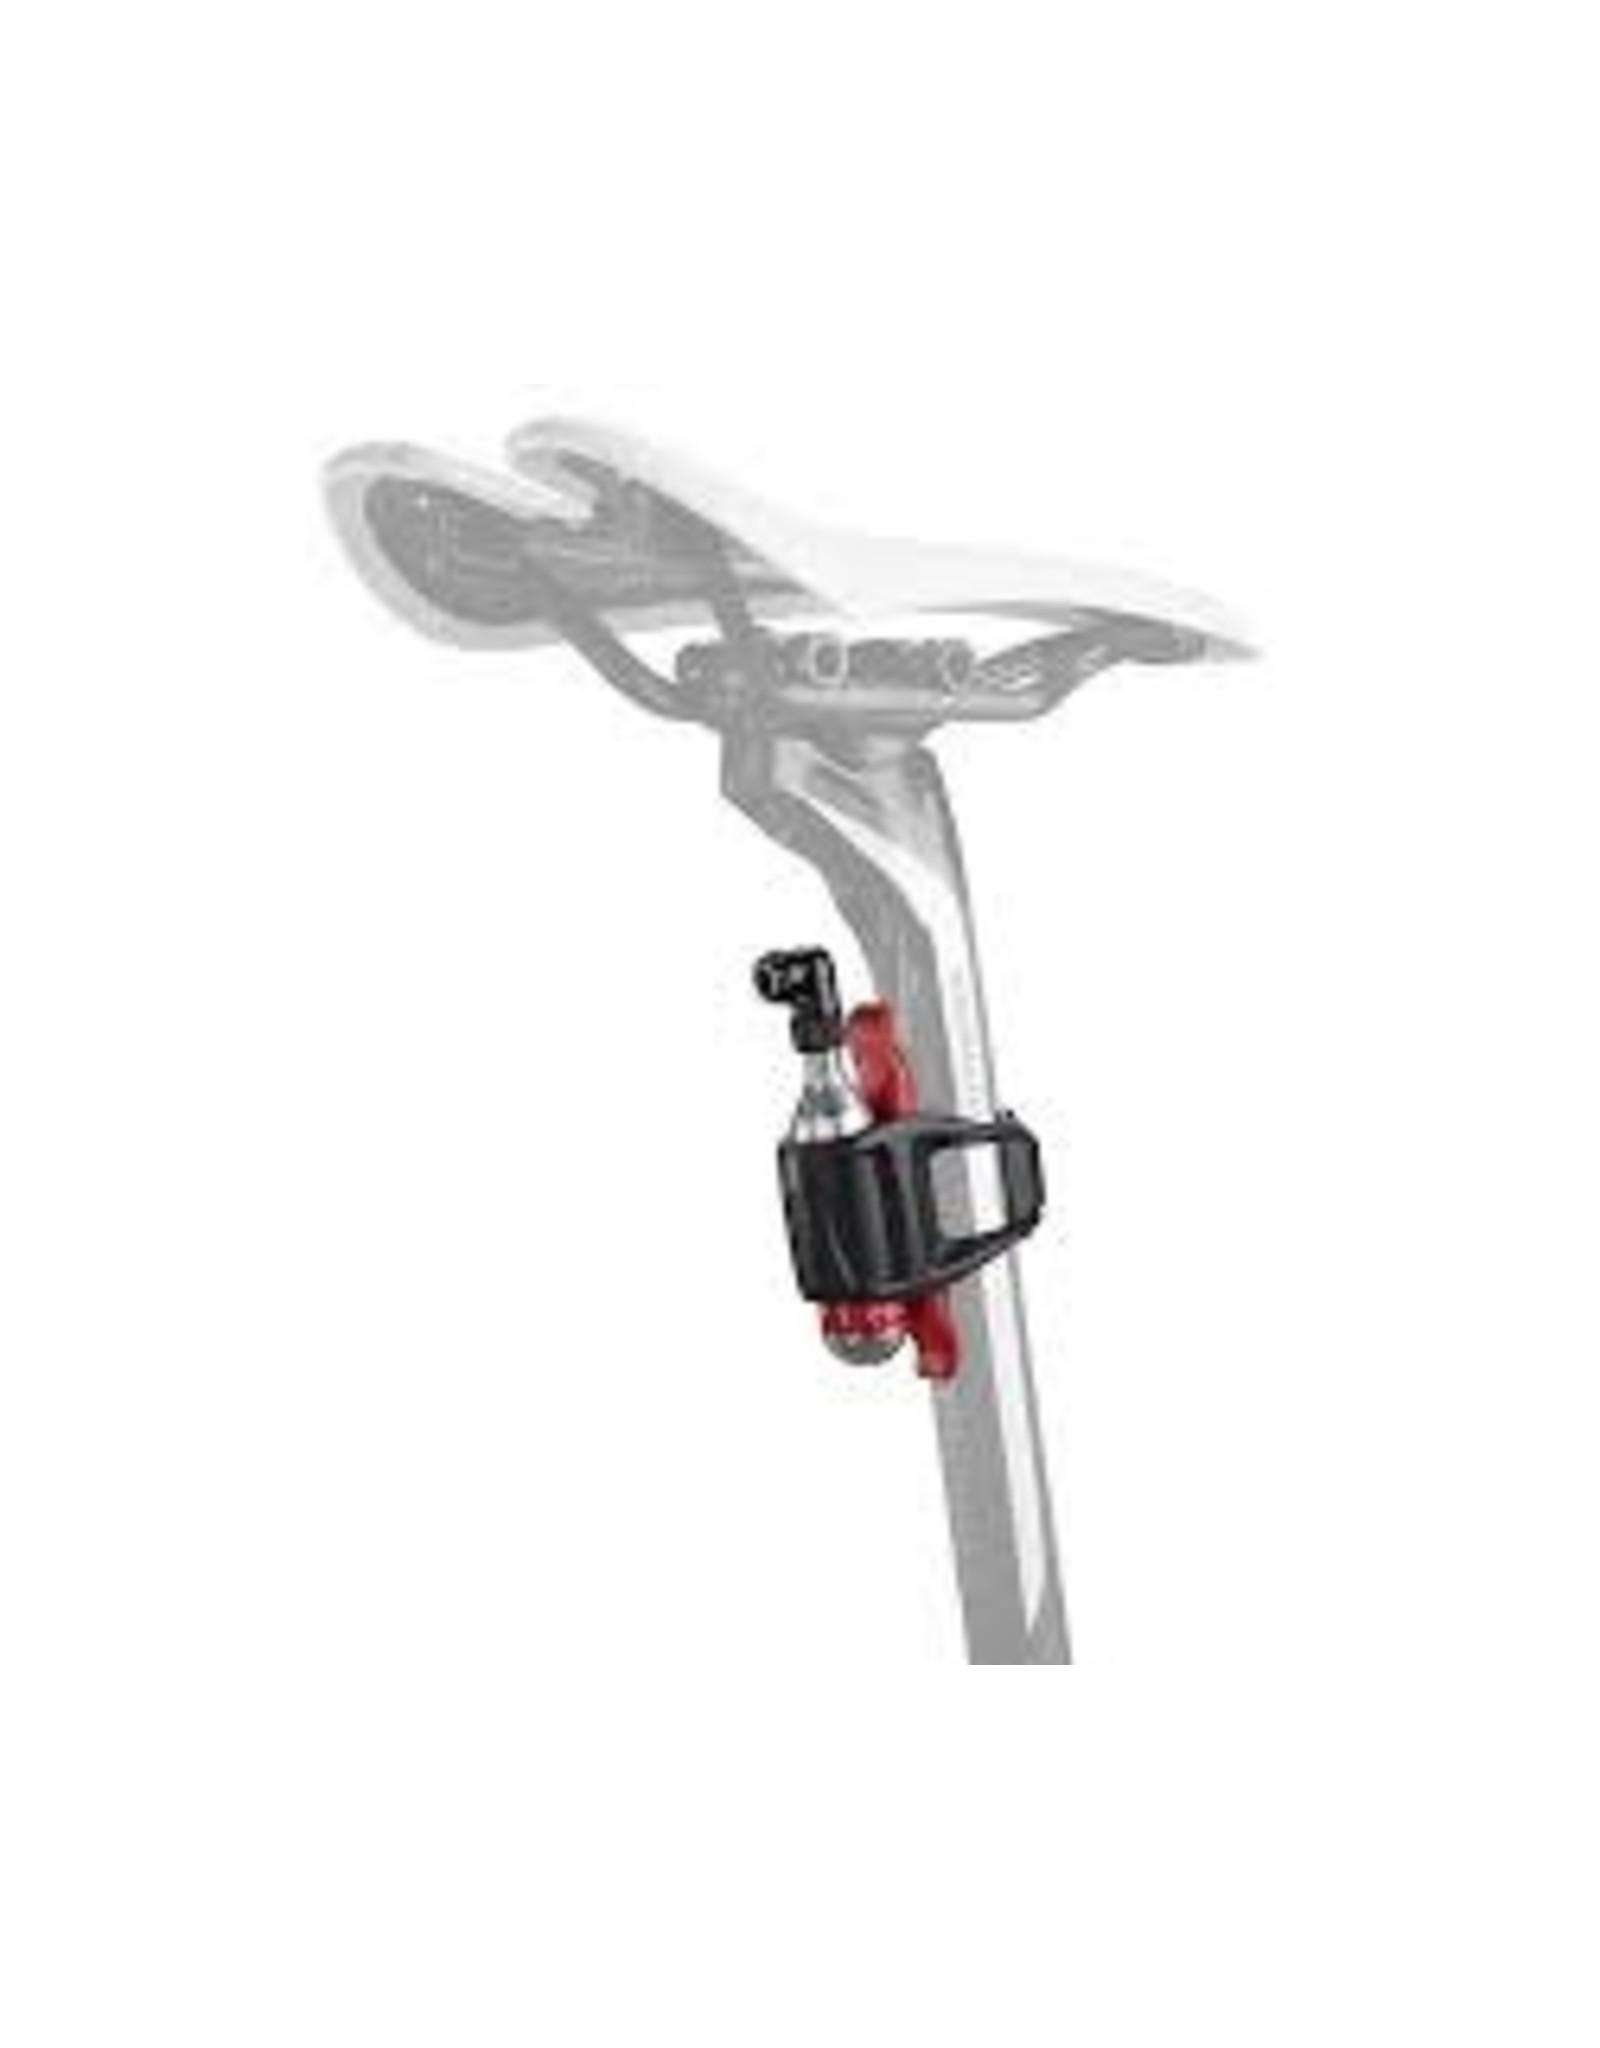 Specialized Pump Spec Flat Kit w/16g CO2